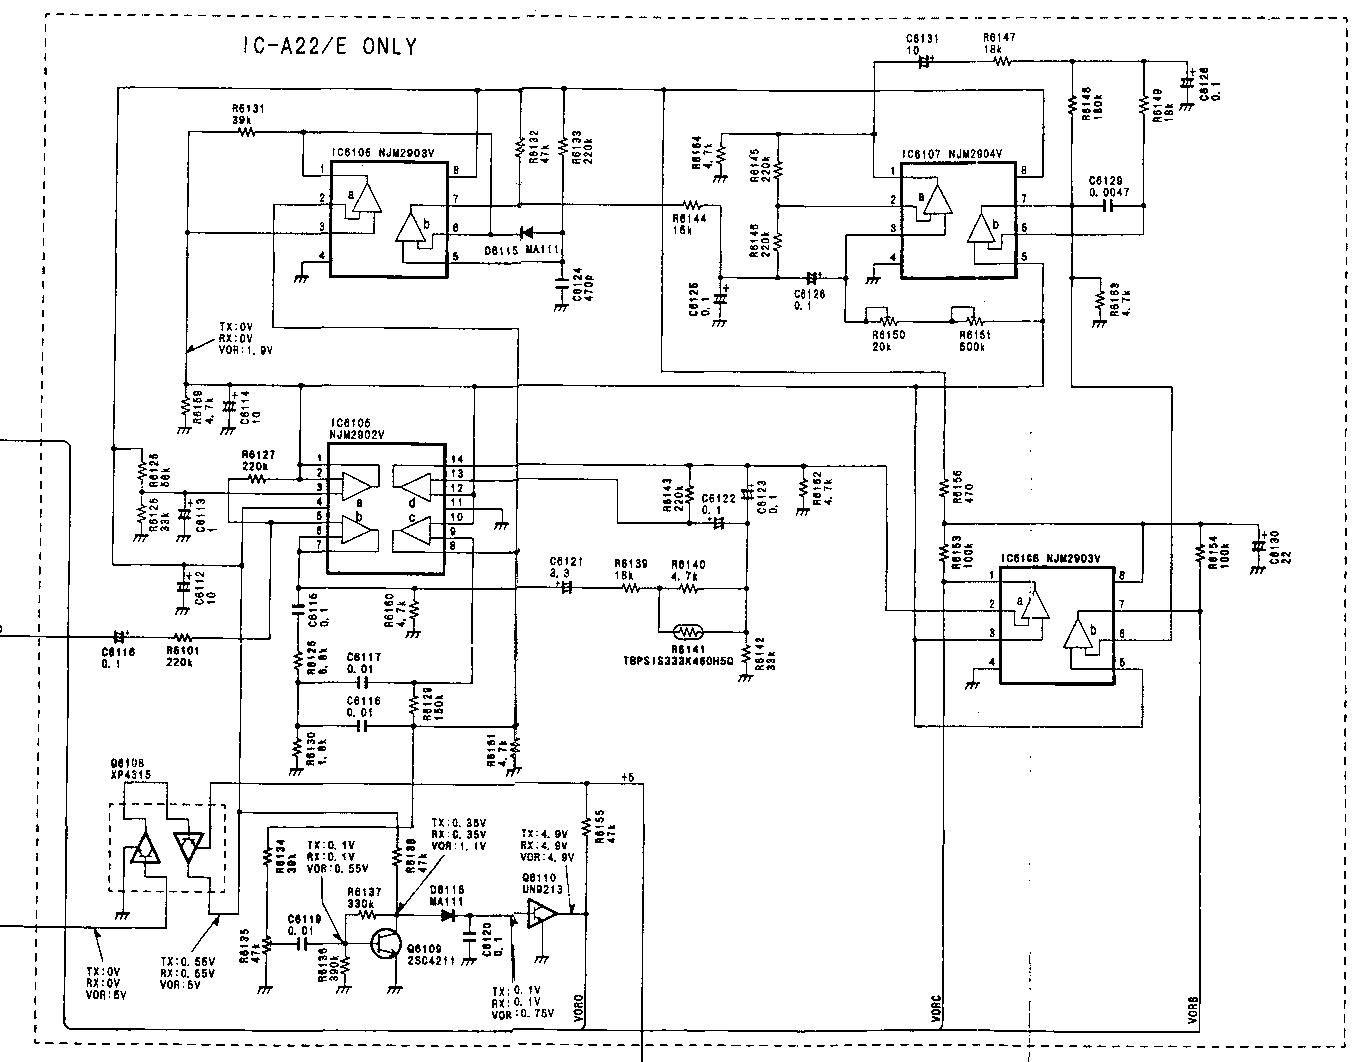 Diagrama el ctrico del tranceptor icom ic a22 e la parte for Planos electricos pdf